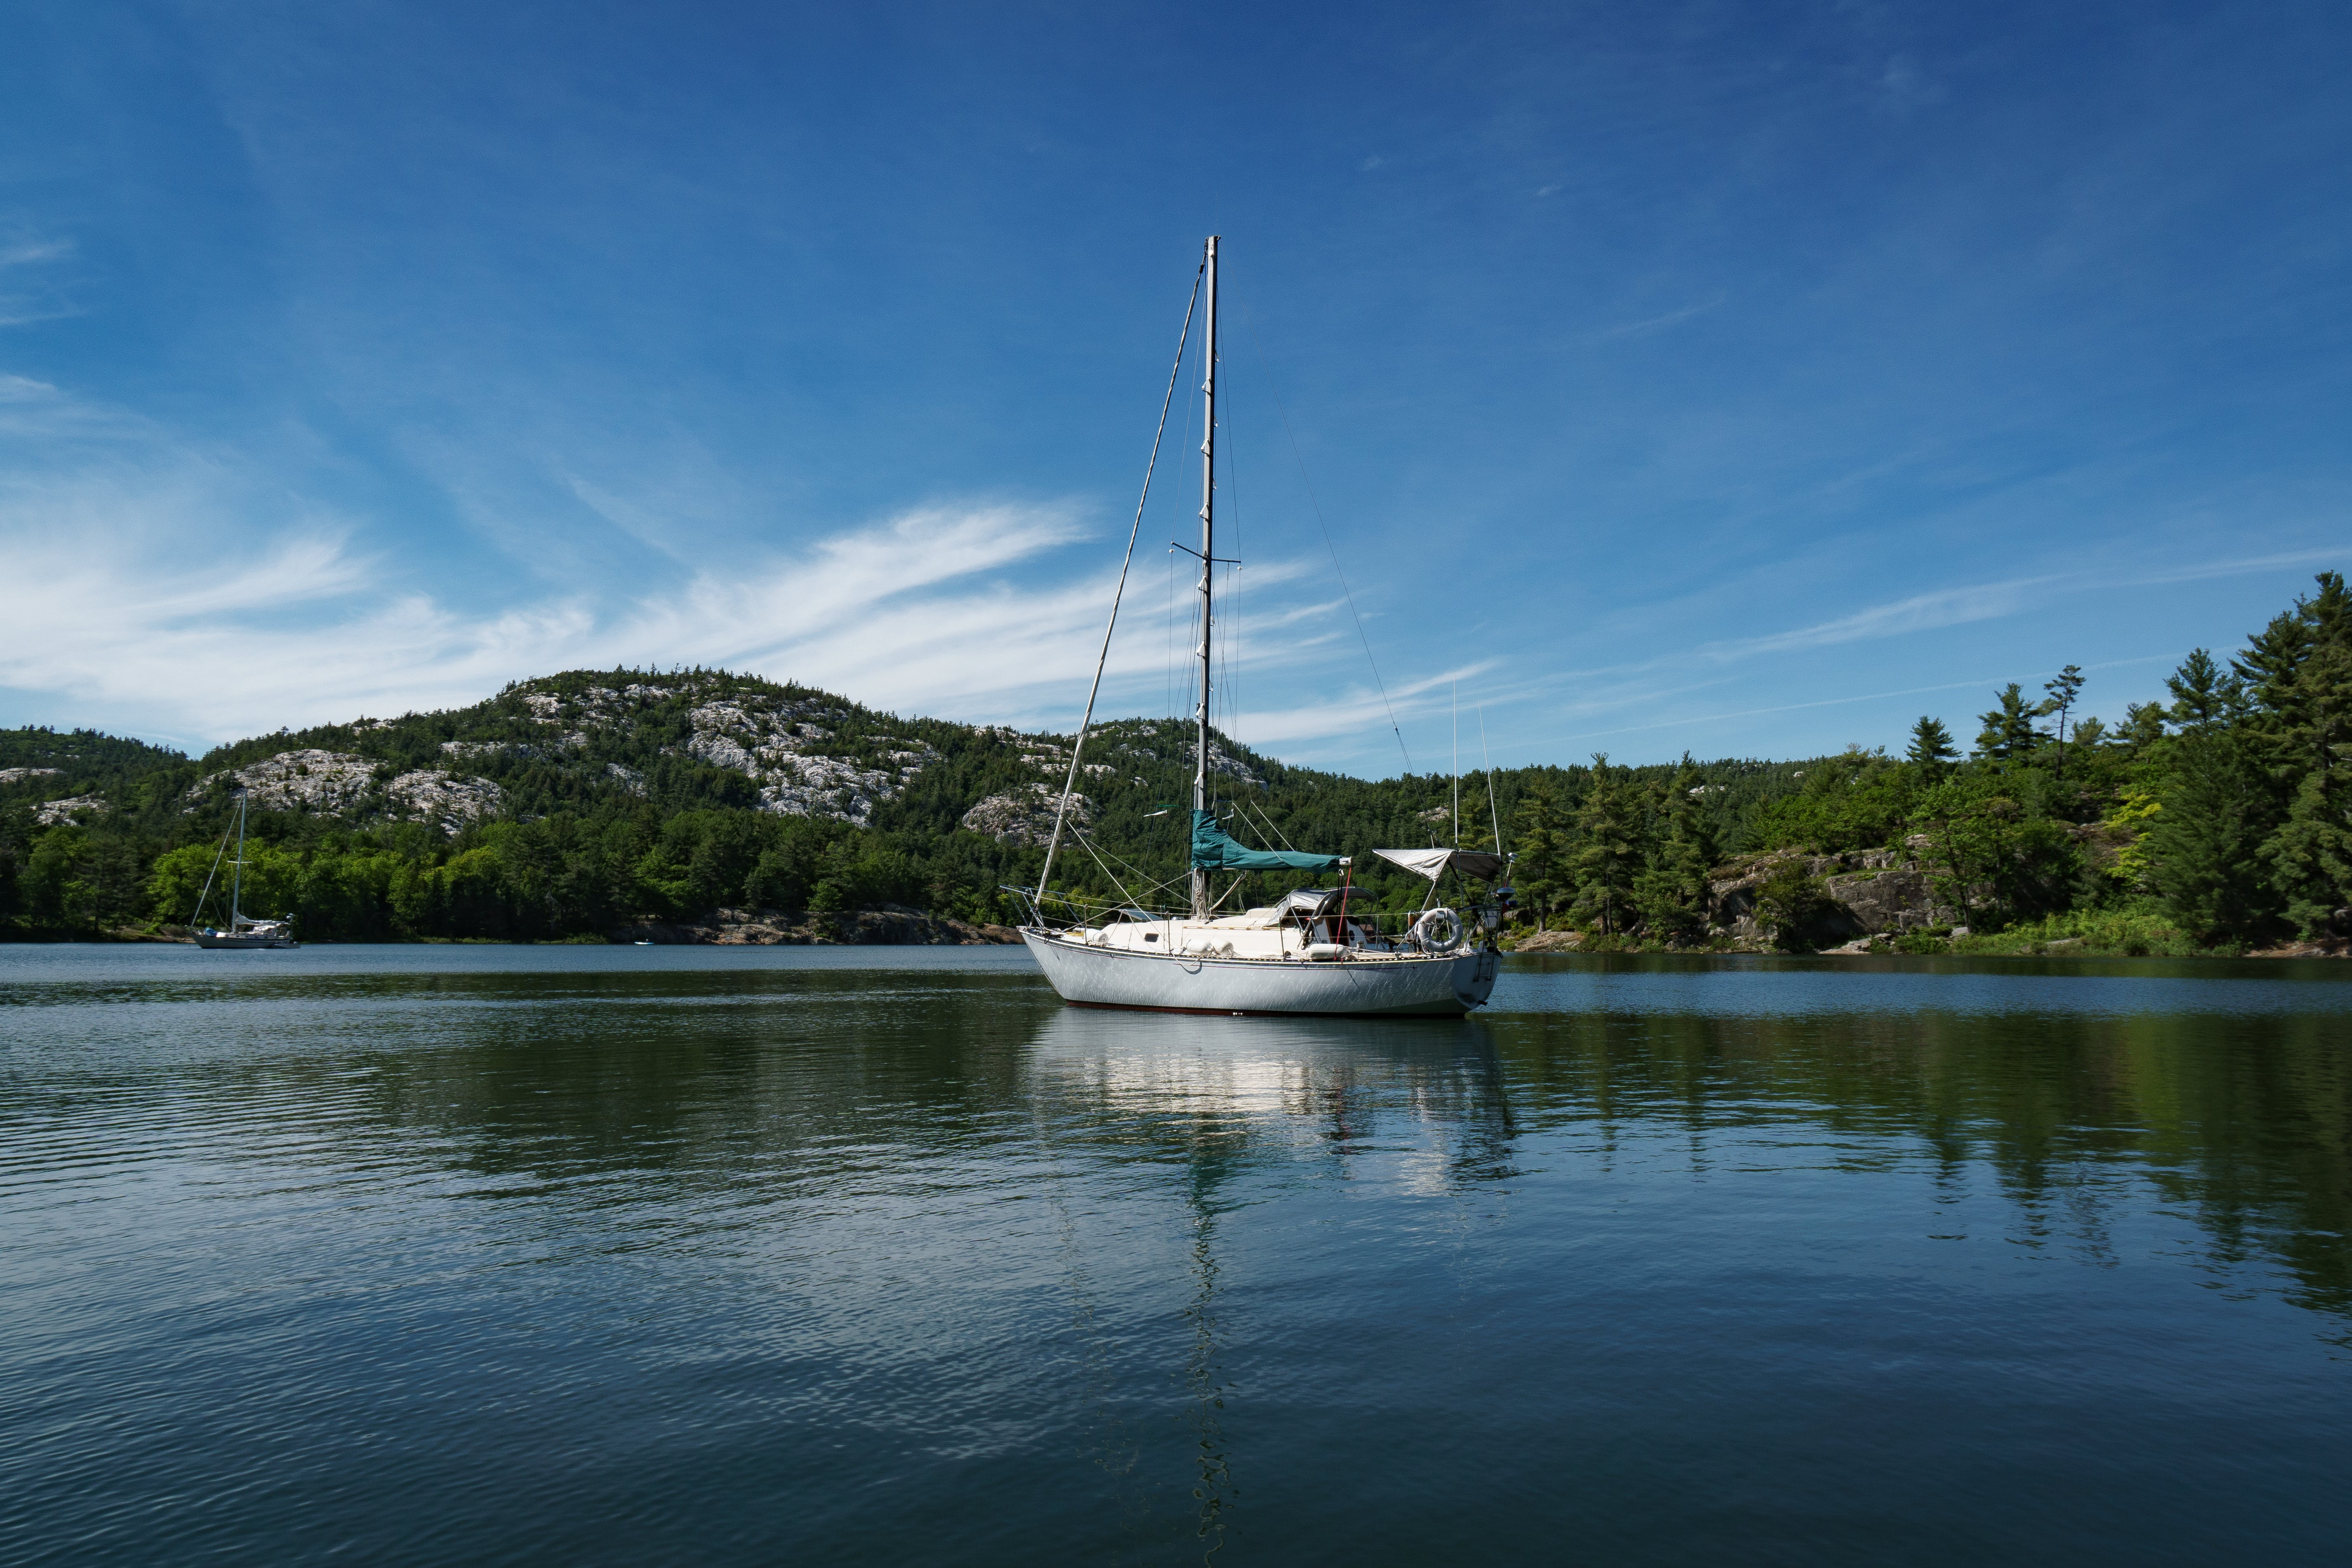 Fotos de stock gratuitas de barco de vela